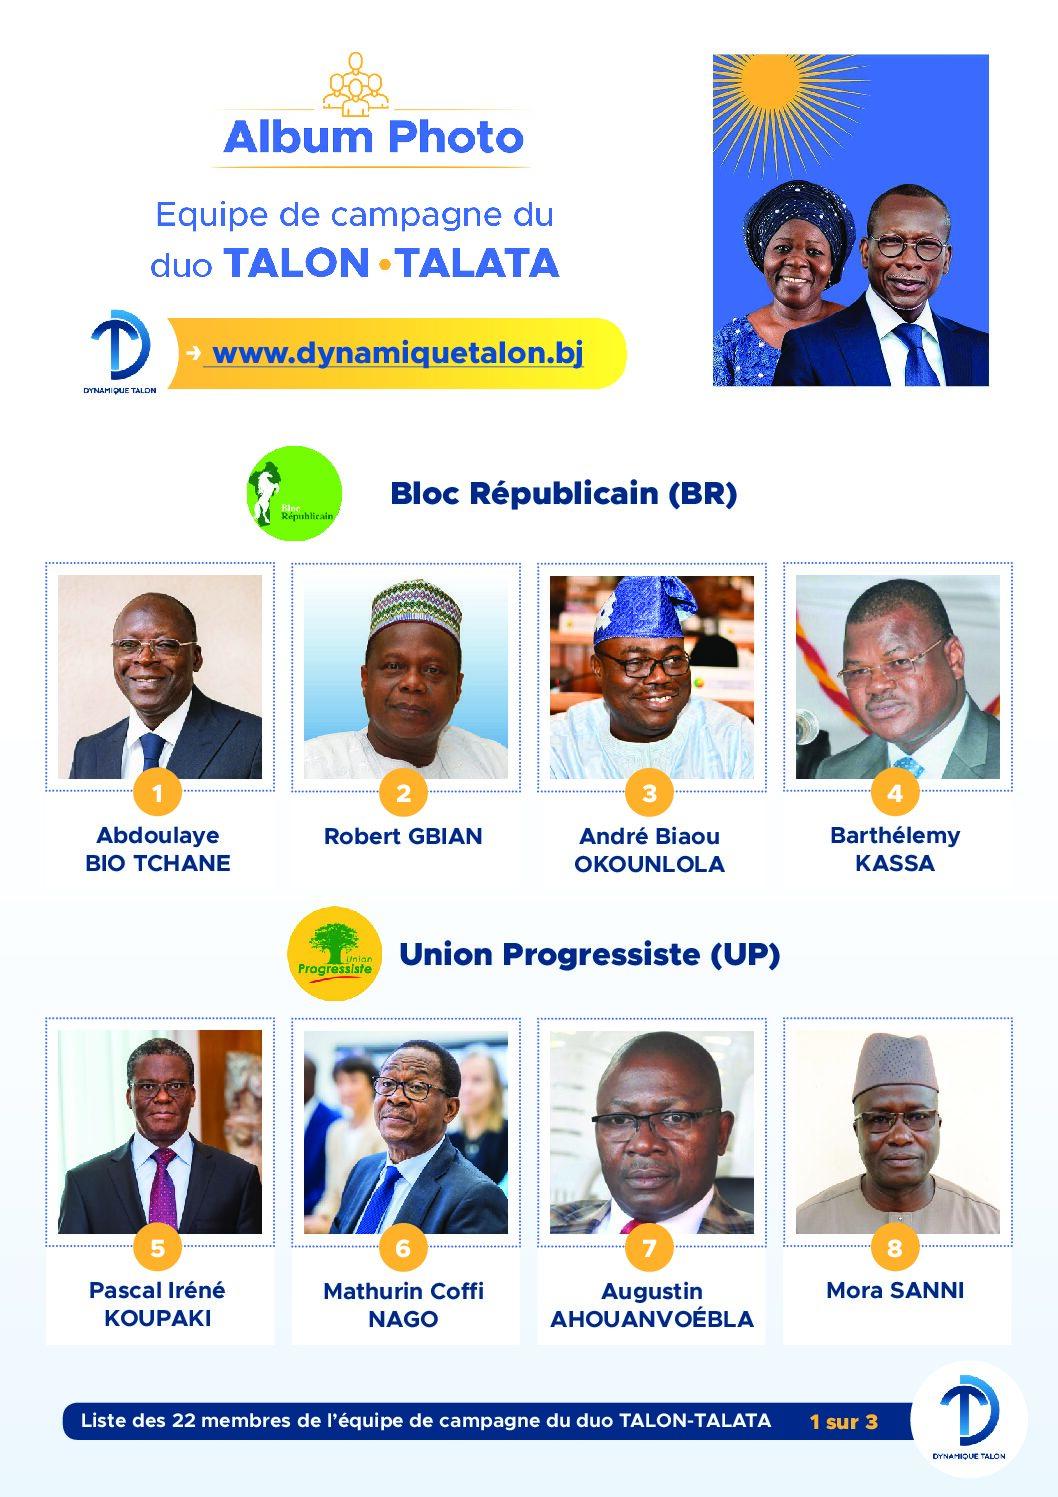 Présidentielles 2021: Lever de voile sur les 22 membres de l'équipe de campagne du duo TALON-TALATA